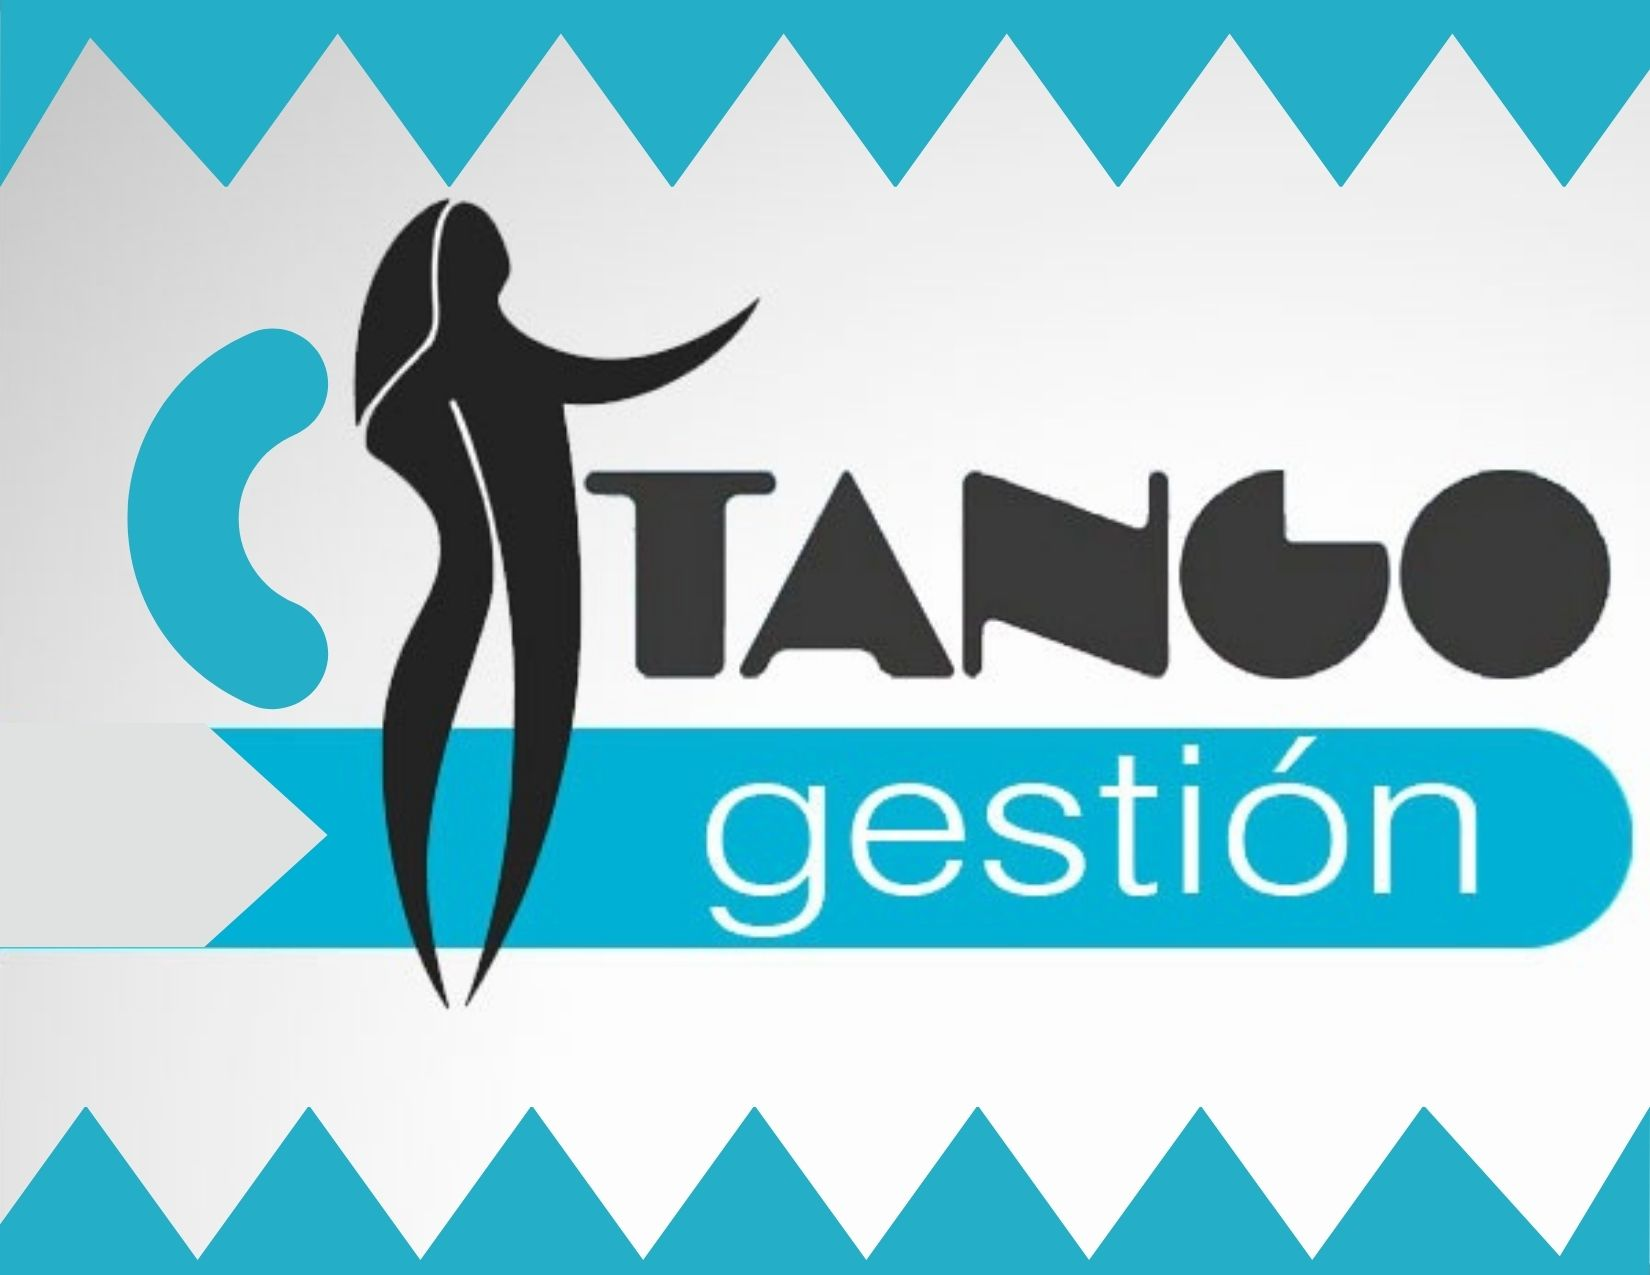 curso de tango gestion